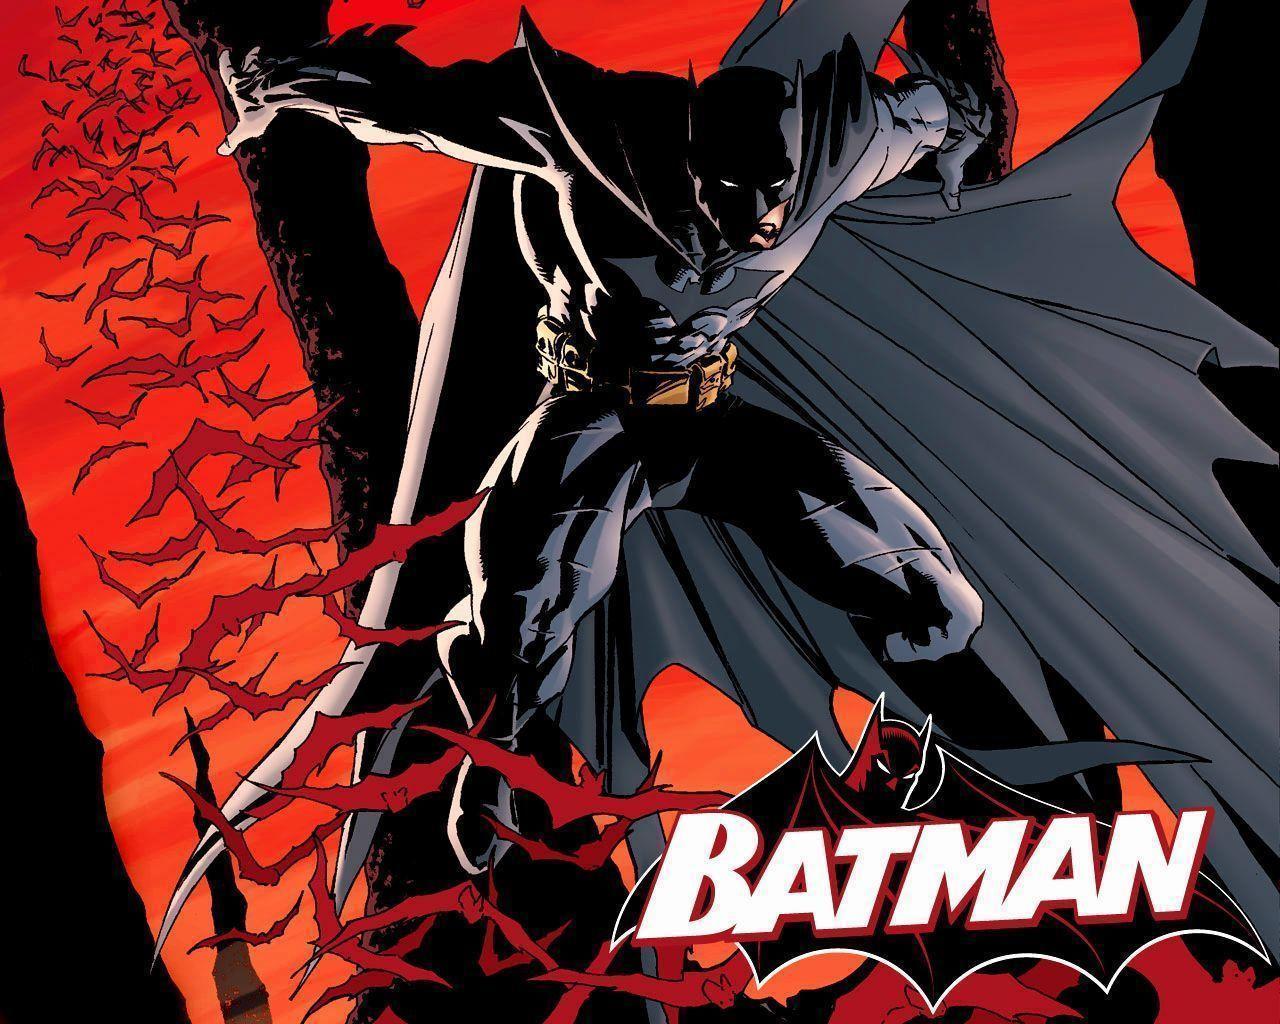 Batman Comics Wallpapers - Wallpaper Cave Batman Comic Cover Wallpaper